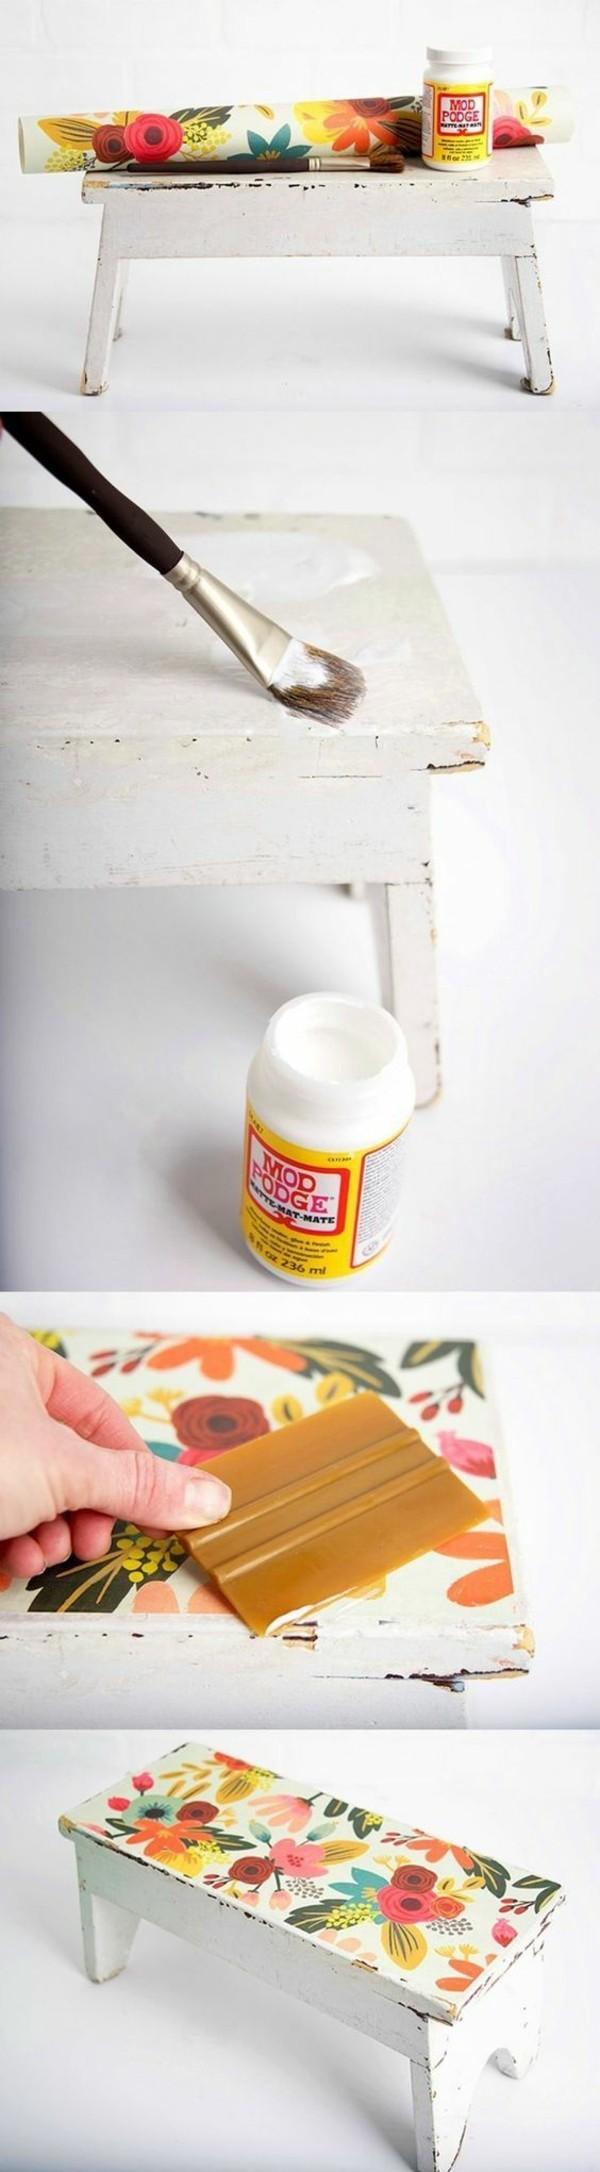 shabby chic deko selber machen inspirierende ideen und praktische tipps. Black Bedroom Furniture Sets. Home Design Ideas